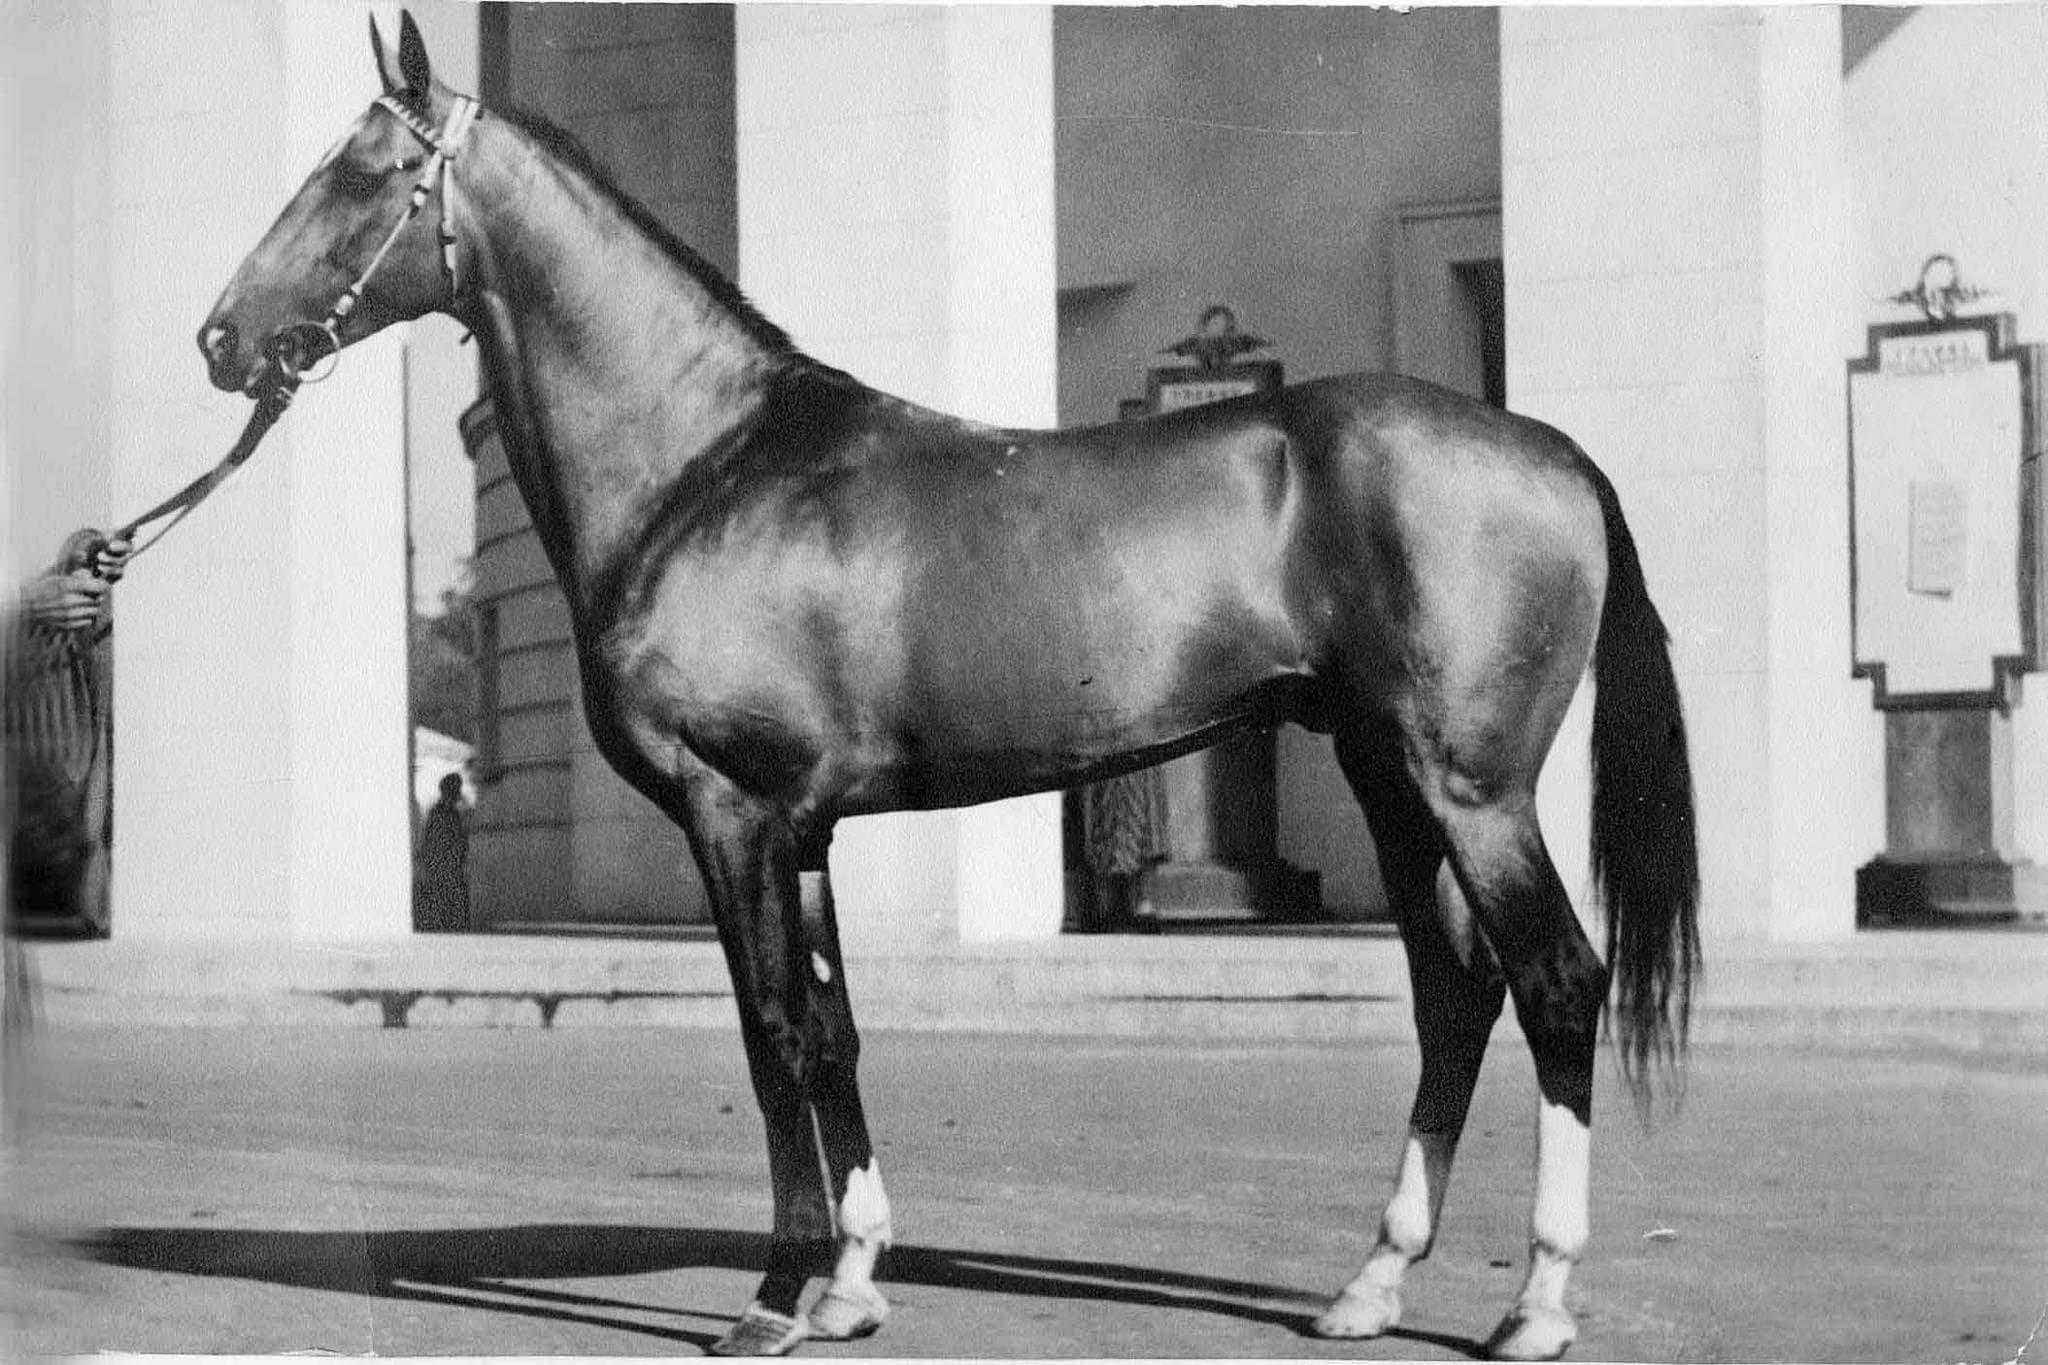 Кто привез драгоценных лошадей в Брест, осталось неизвестным